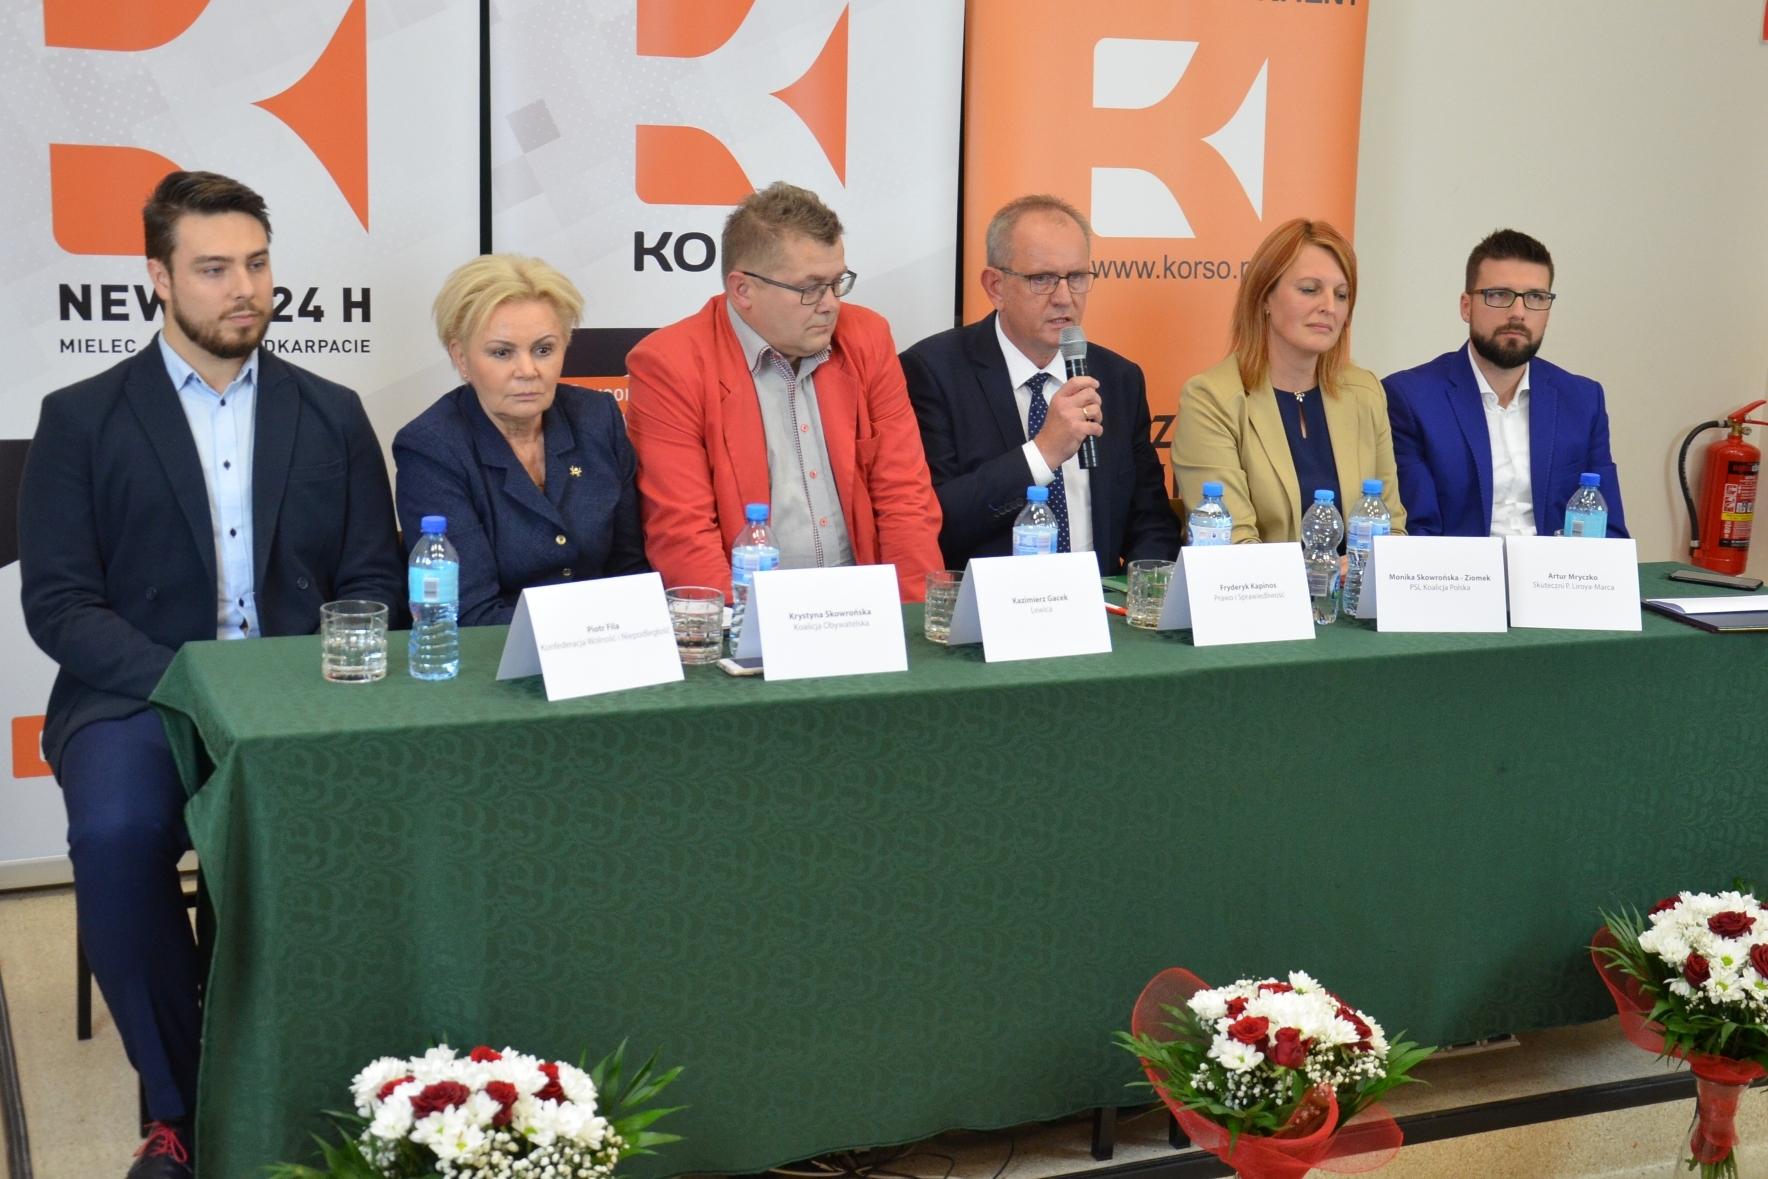 Smaczki z mieleckiej debaty, czyli kandydaci obiecują... - Zdjęcie główne